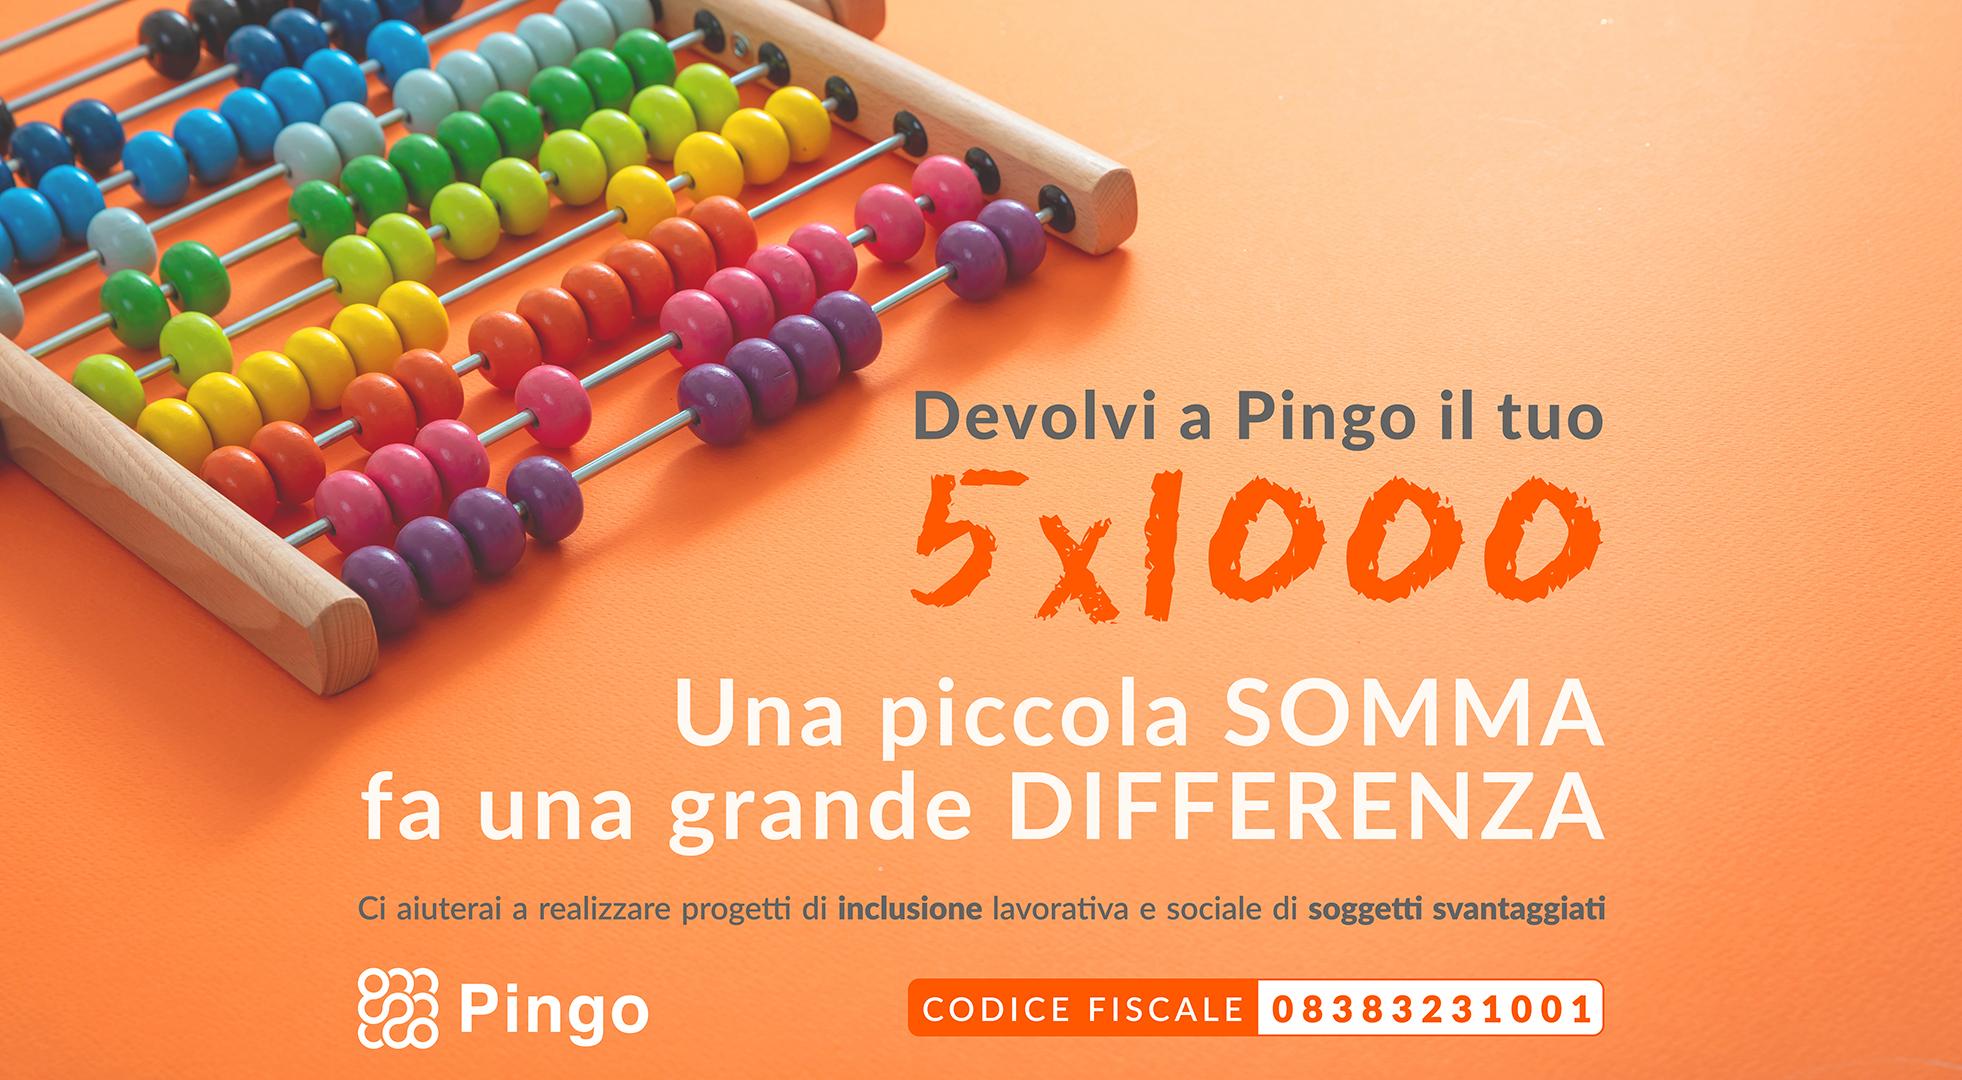 Devolvi il tuo 5x1000 a Pingo. Una piccola somma fa una grande differenza. Ci aiuterai a realizzare progetti di inclusione lavorativa e sociale di soggetti svantaggiati